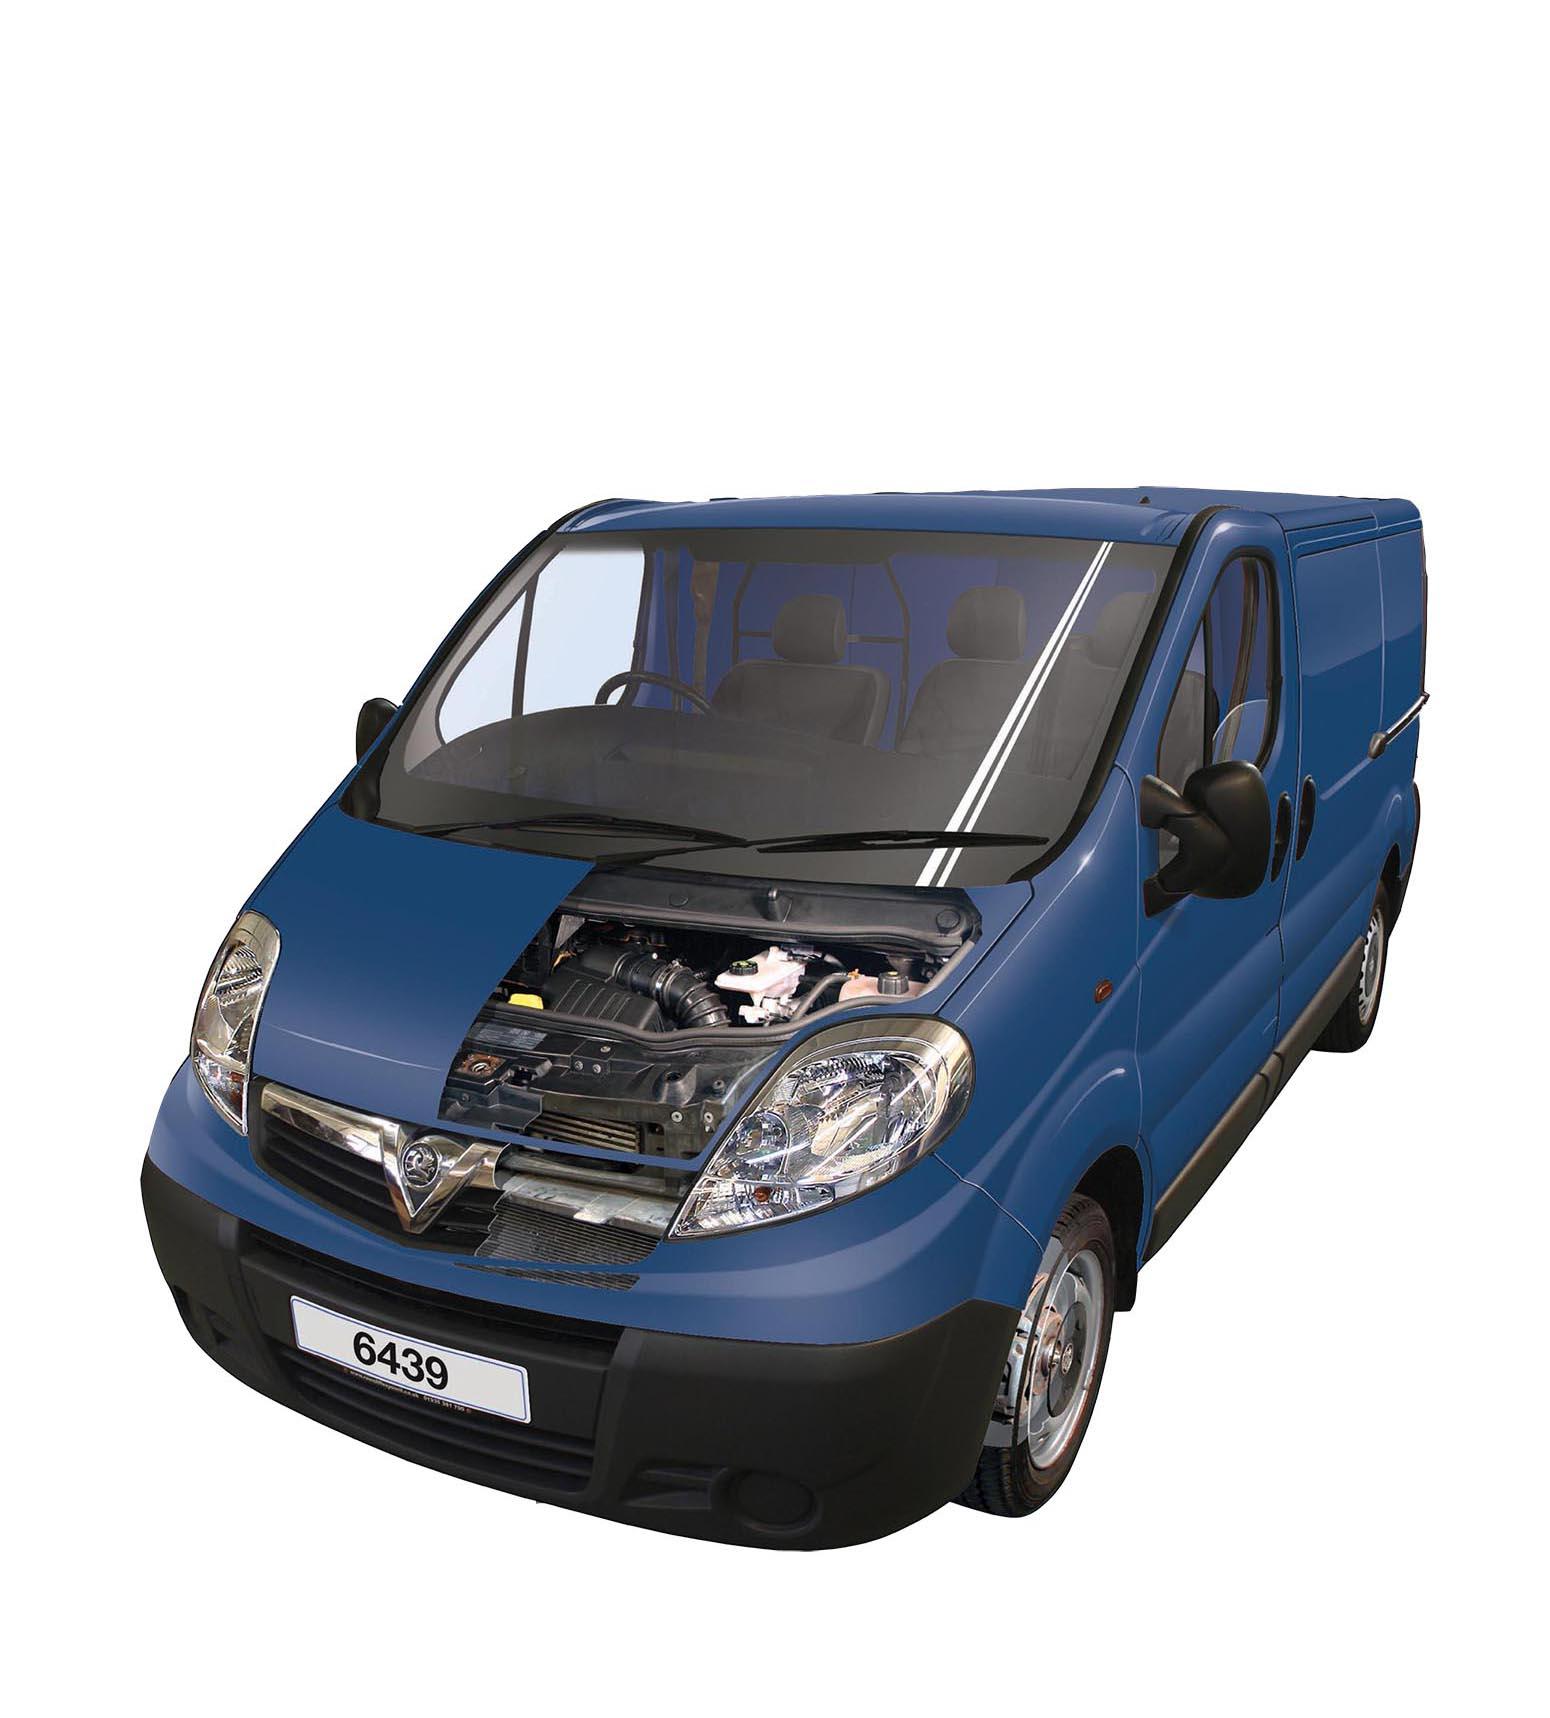 Picture of Vauxhall Vivaro